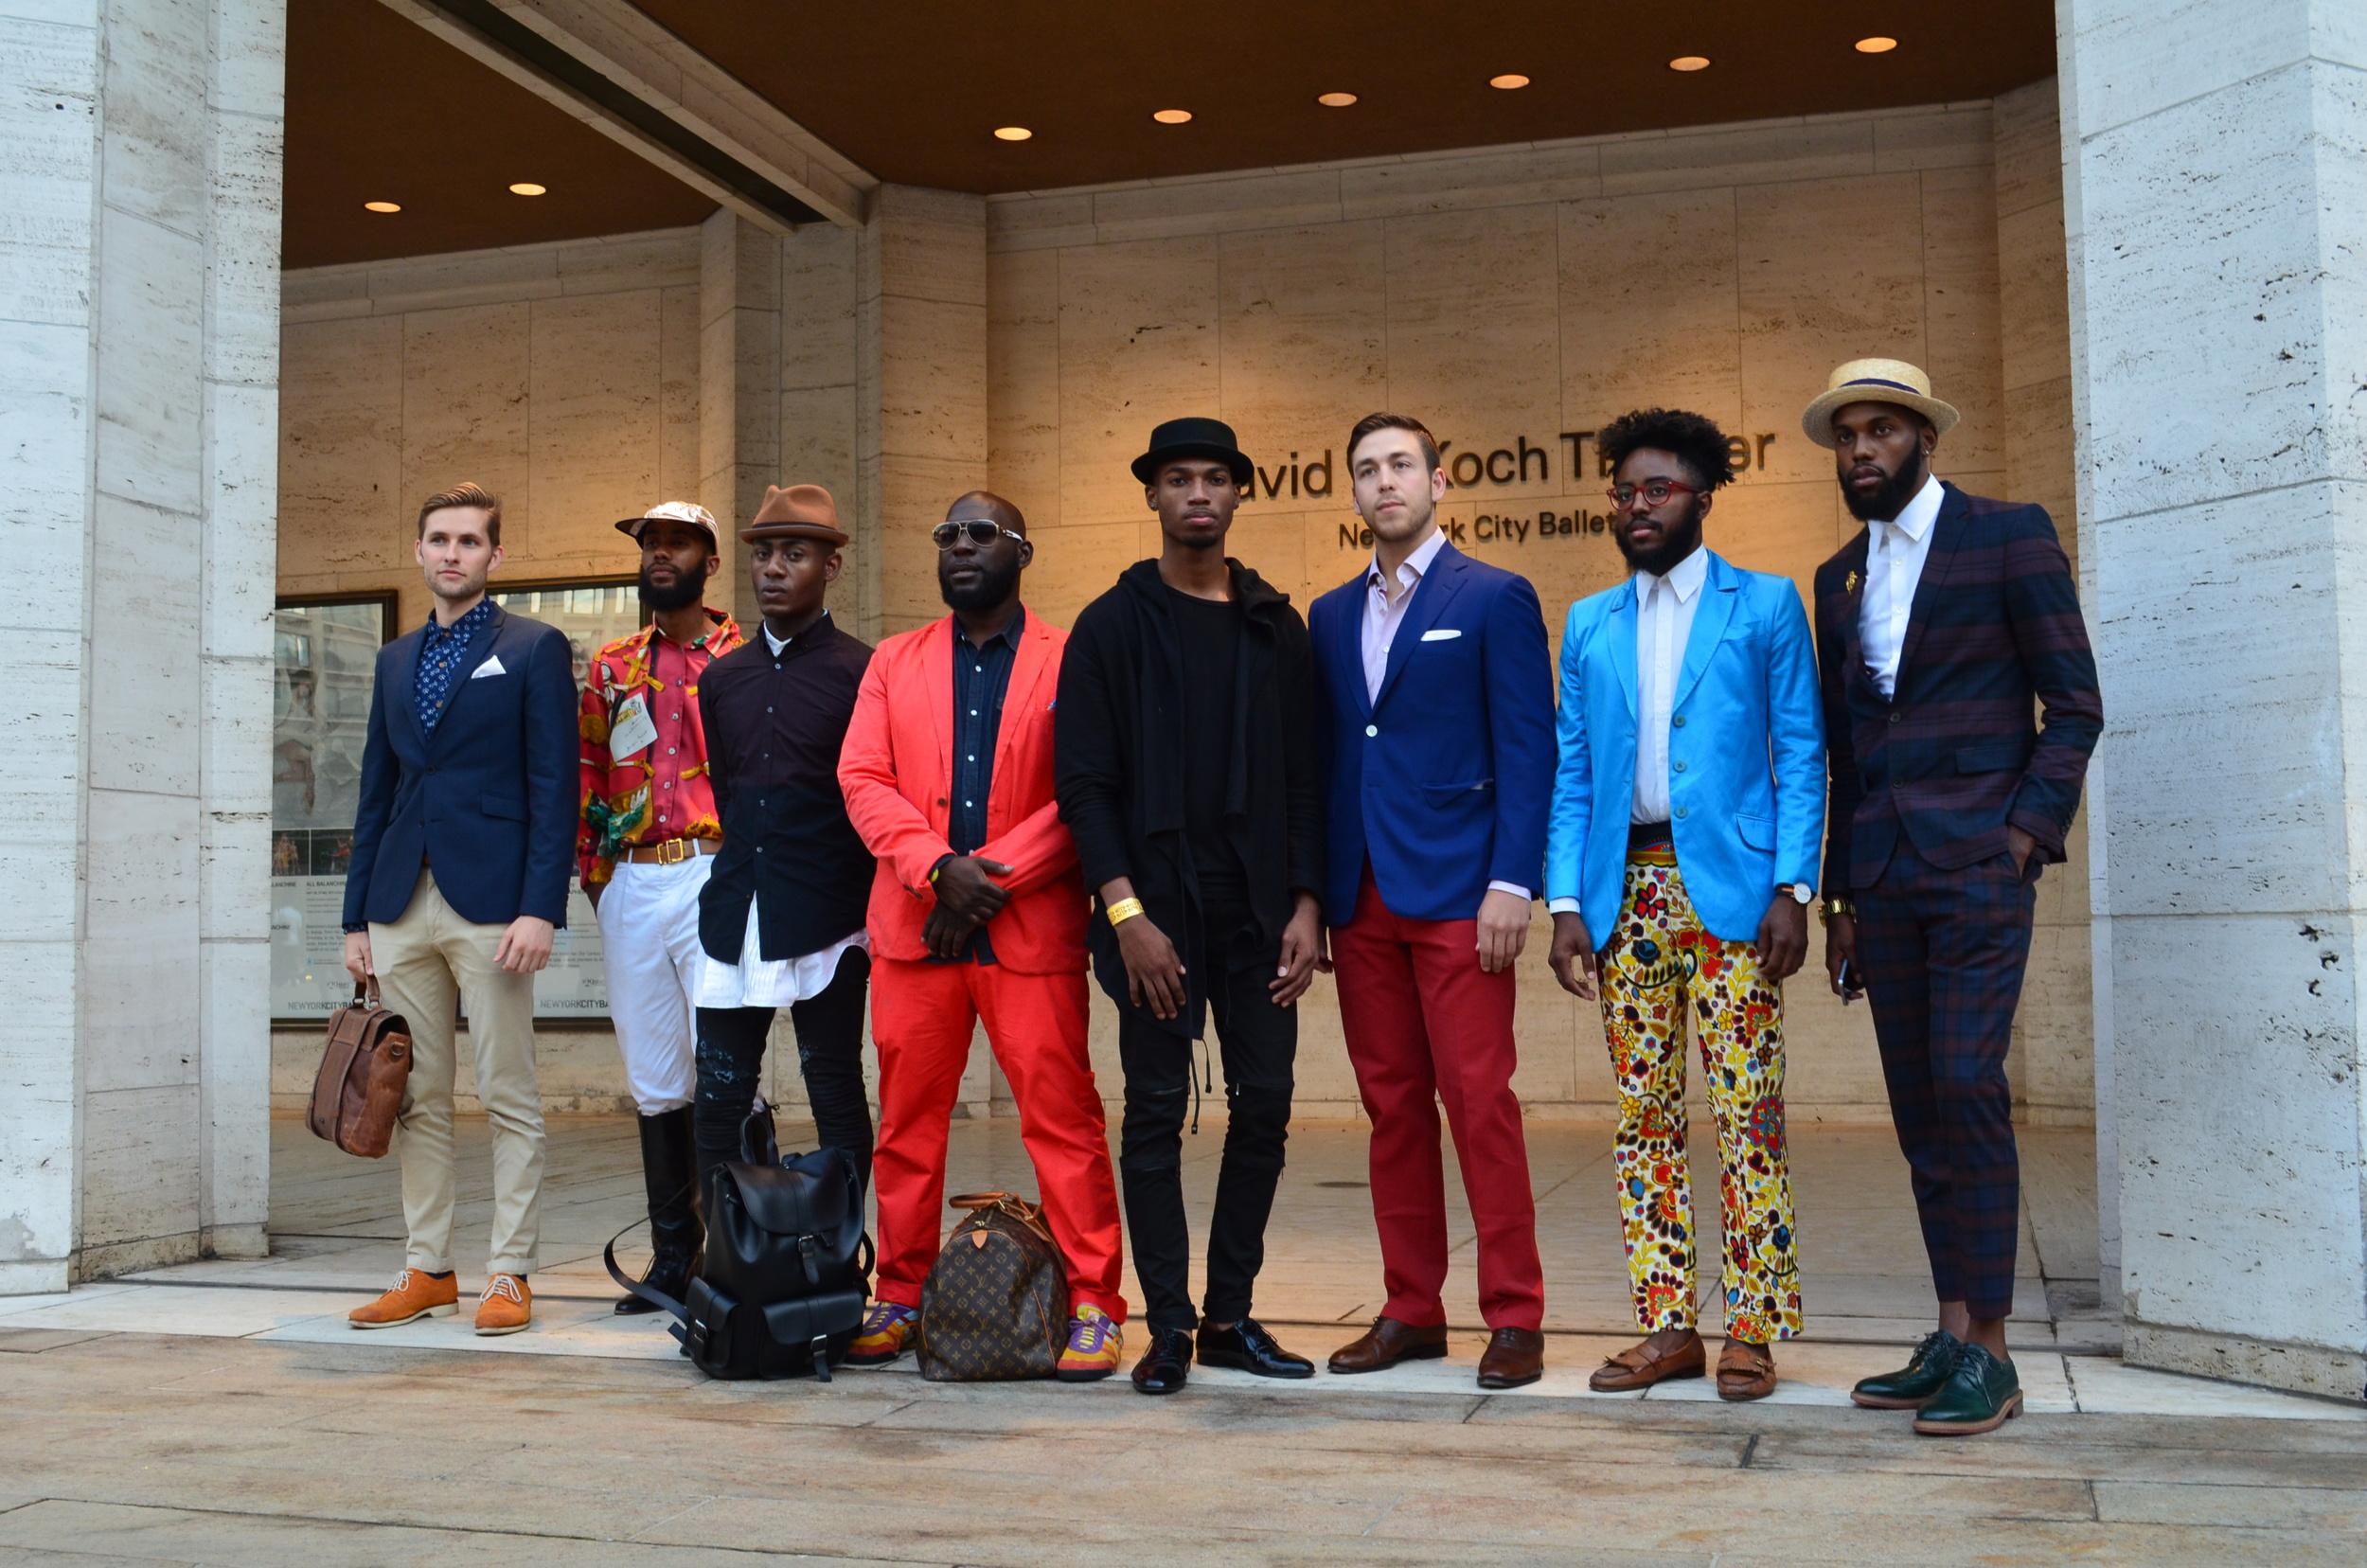 Gentlemen at Lincoln Center - New York Fashion Week.